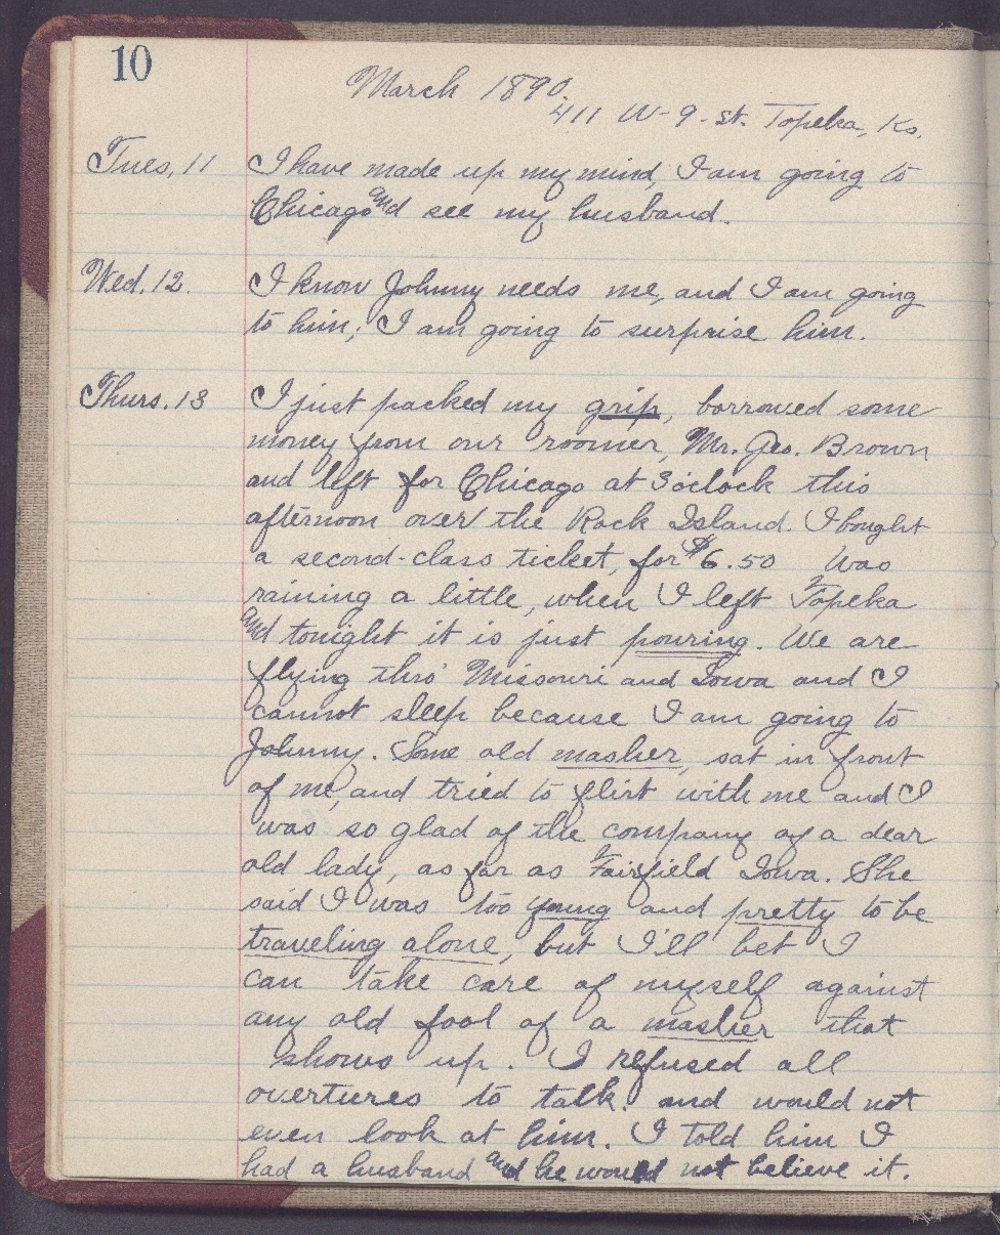 Martha Farnsworth diary - 10